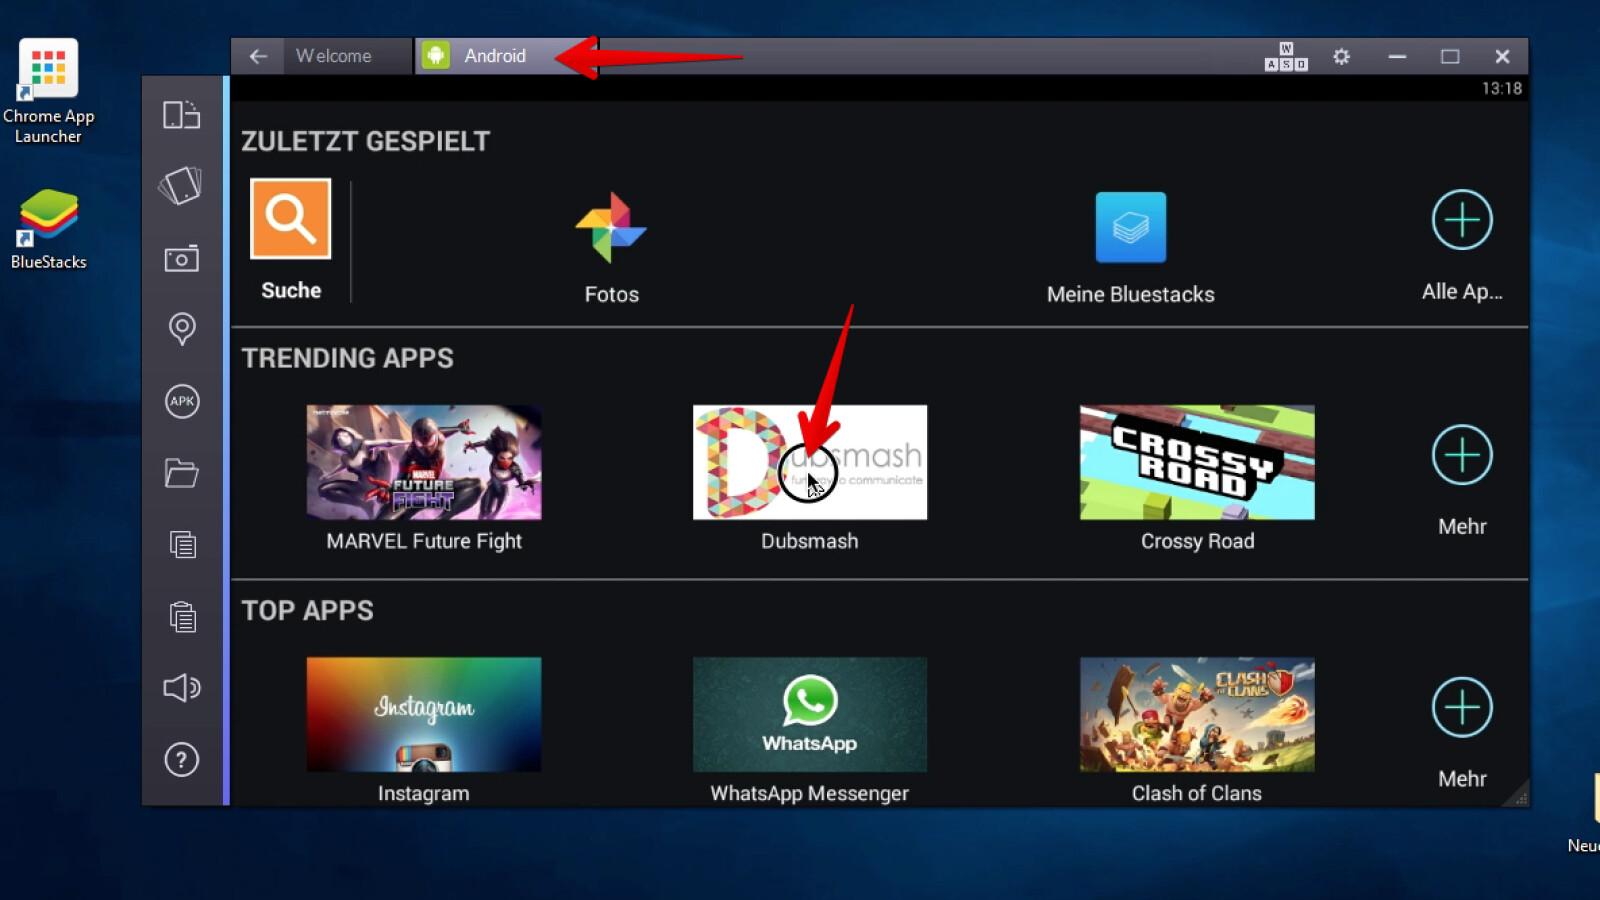 BlueStacks - Android-Apps herunterladen, installieren und